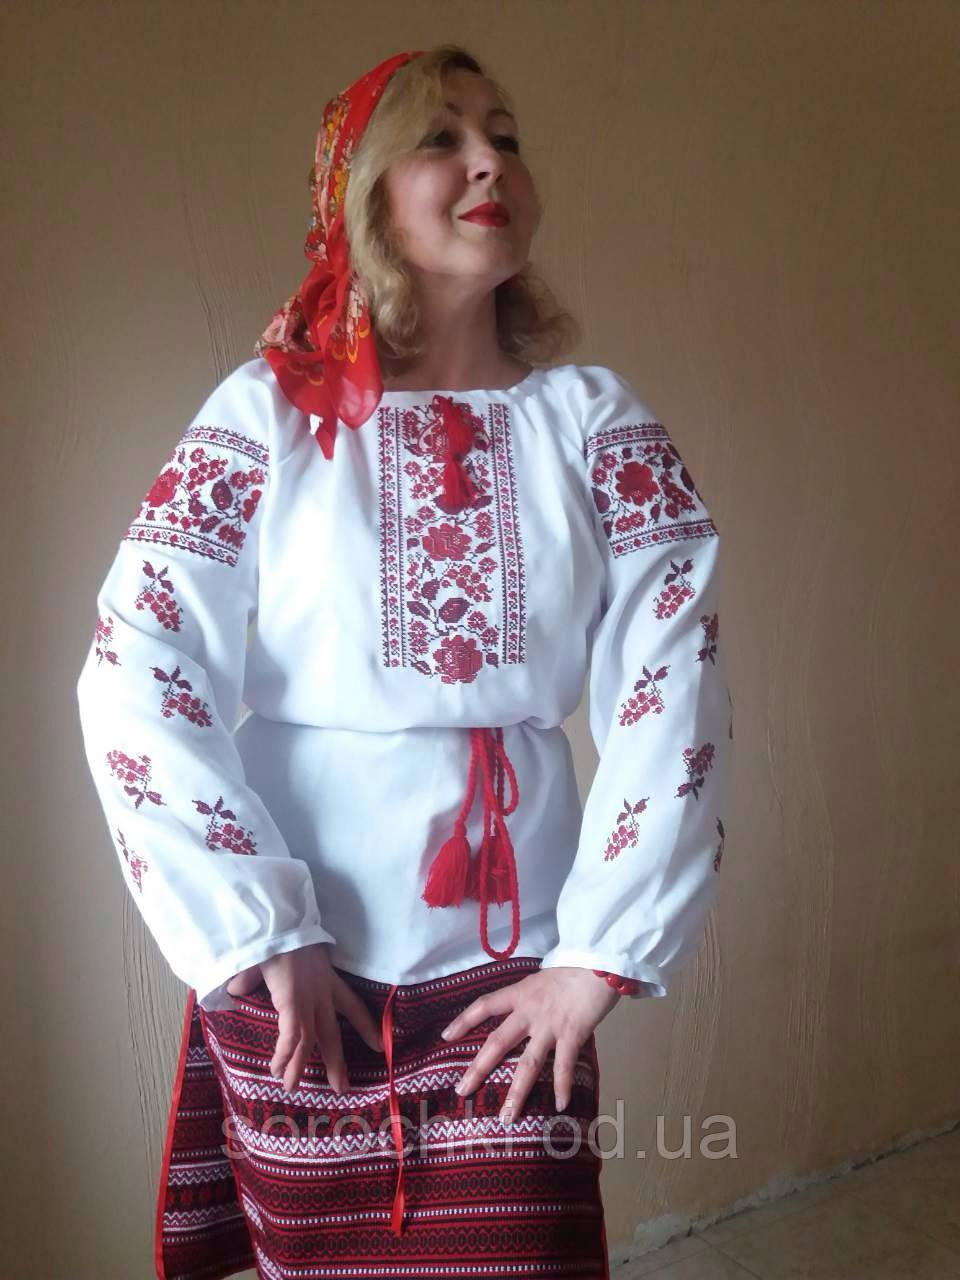 """Блузка женская , белая , вышивка  цветы  """"маки с калиной"""" материал  шифон."""